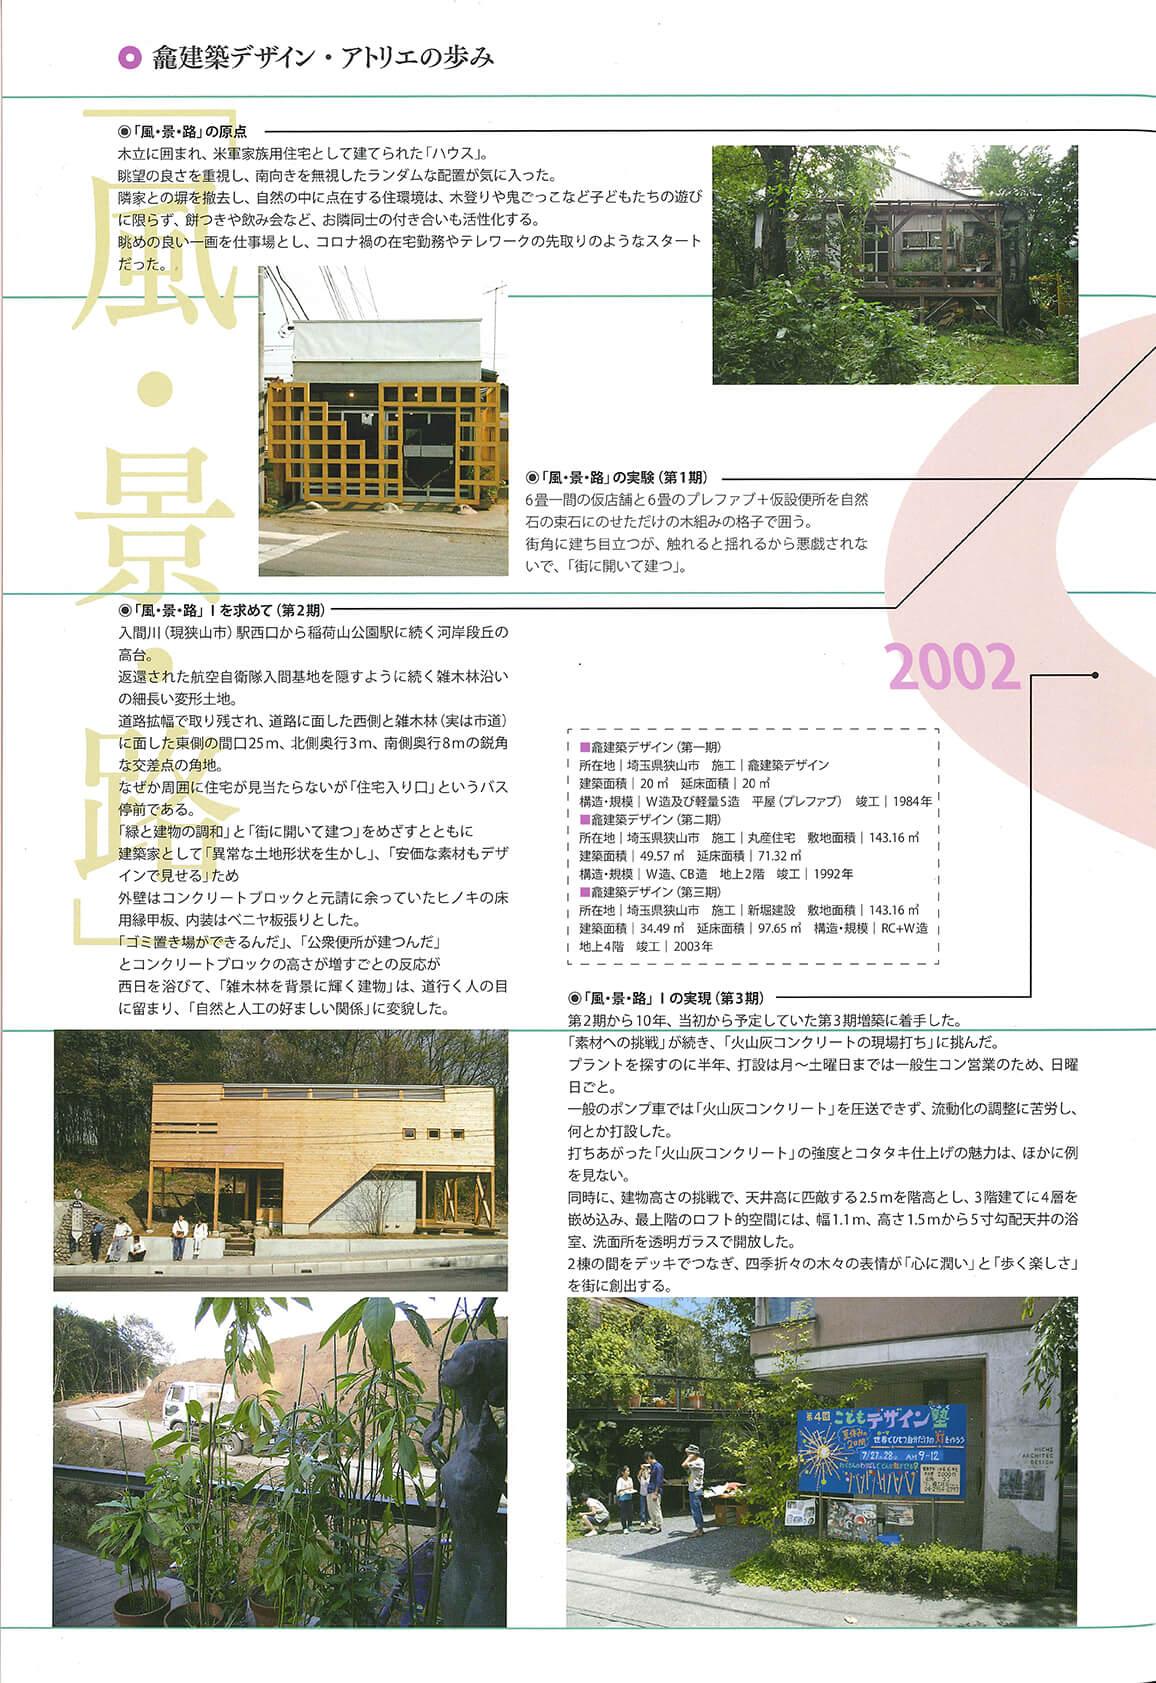 龕建築デザイン40周年 2P